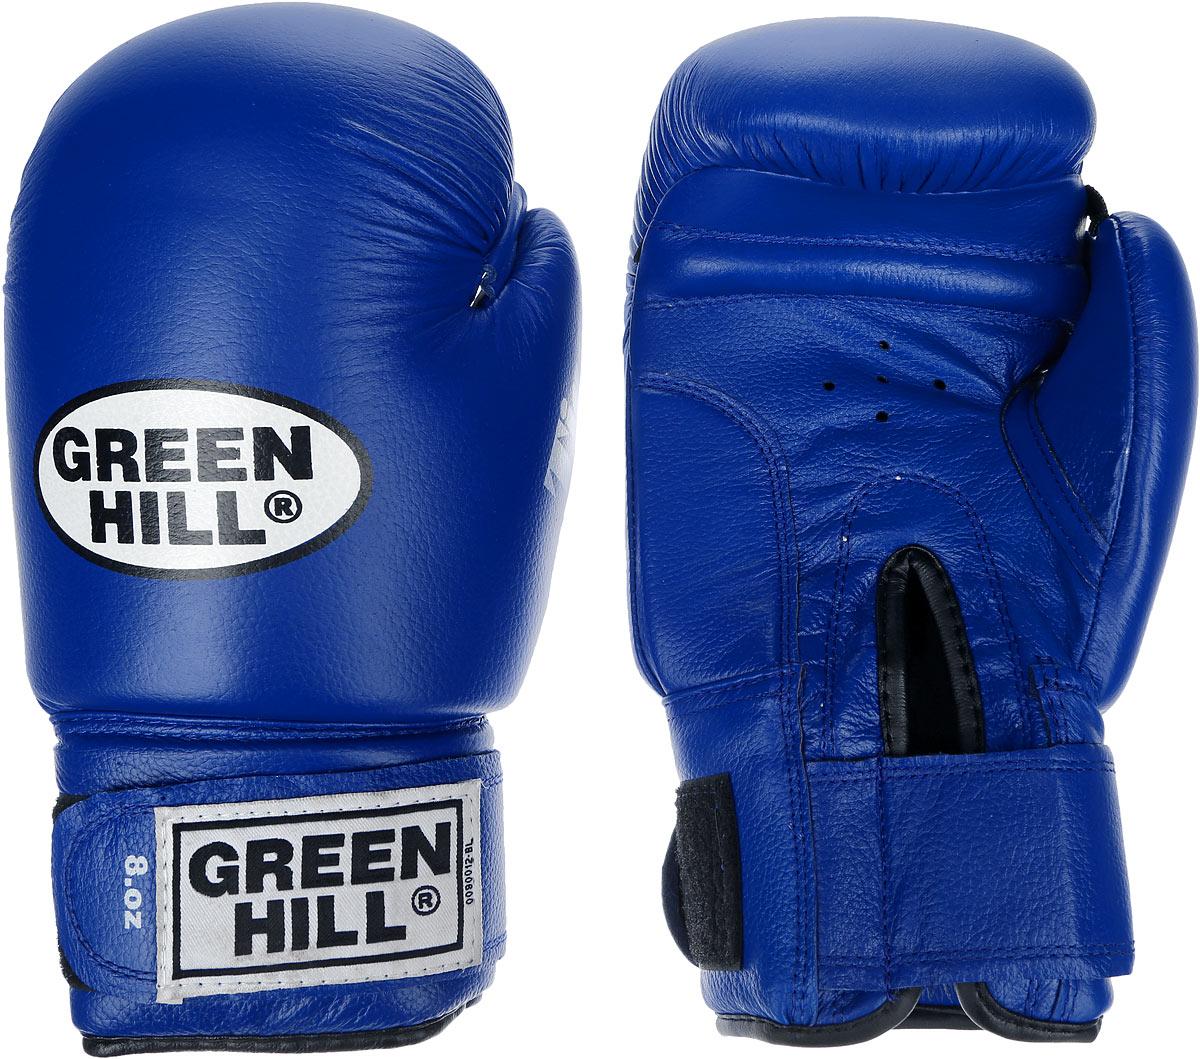 Перчатки боксерские Green Hill Tiger, цвет: синий, белый. Вес 8 унций. BGT-2010сAIRWHEEL Q3-340WH-BLACKБоевые боксерские перчатки Green Hill Tiger применяются как для соревнований, так и для тренировок. Верх выполнен из натуральной кожи, вкладыш - предварительно сформированный пенополиуретан. Манжет на липучке способствует быстрому и удобному надеванию перчаток, плотно фиксирует перчатки на руке. Отверстия в области ладони позволяют создать максимально комфортный терморежим во время занятий.В перчатках применяется технология антинокаут.